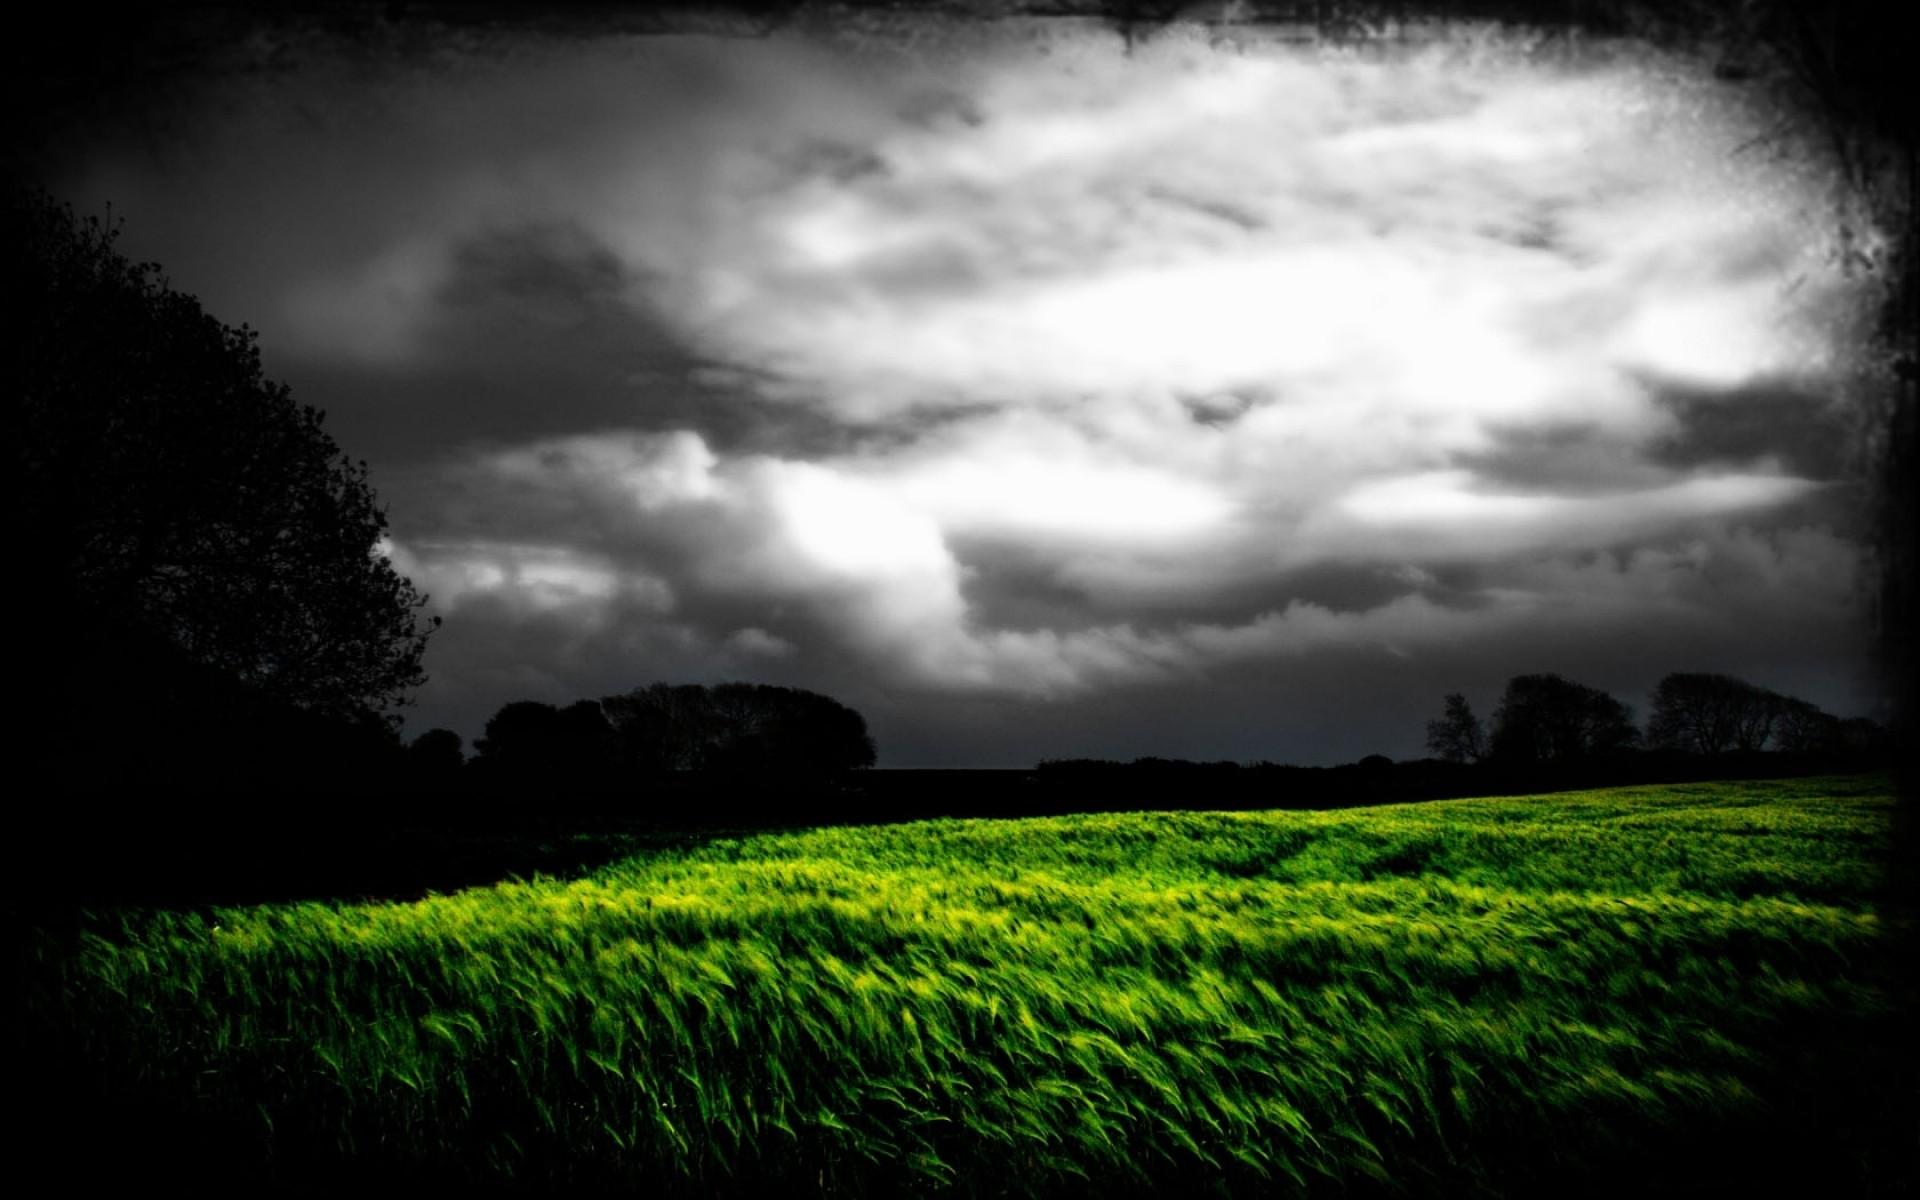 dark sky background (47+ images)